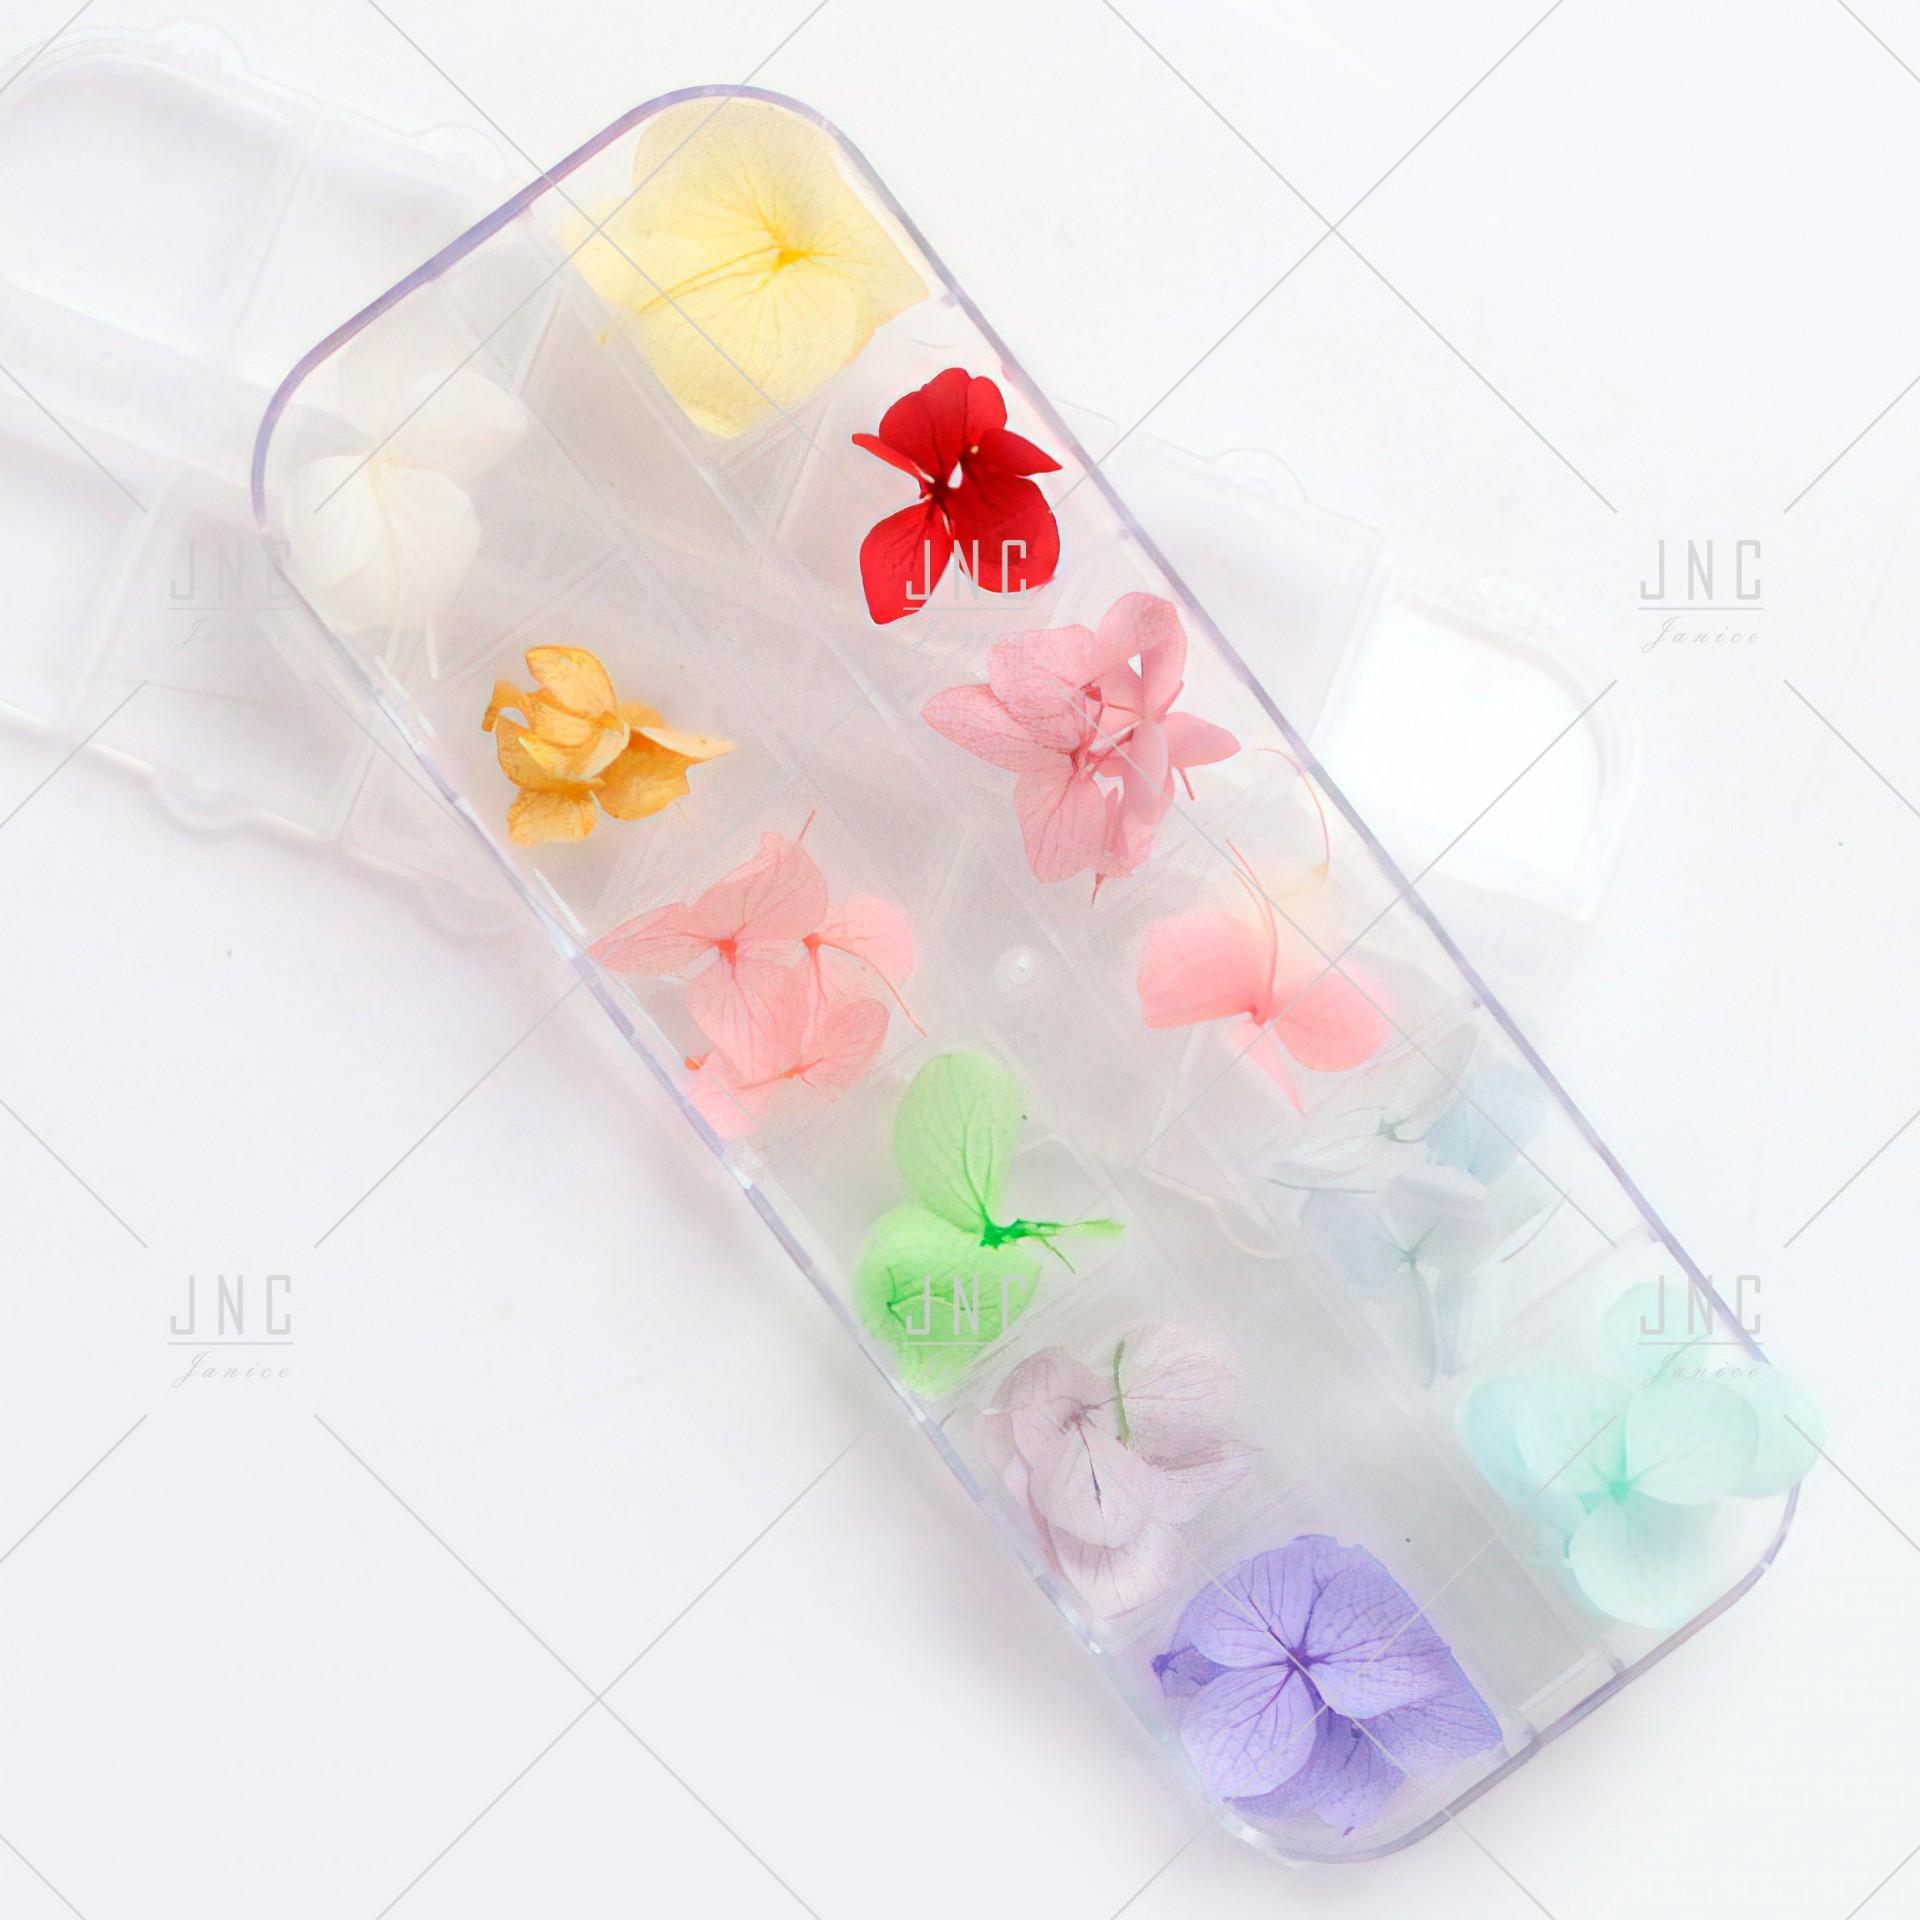 Flores Secas para Nail Art | Ref.862097